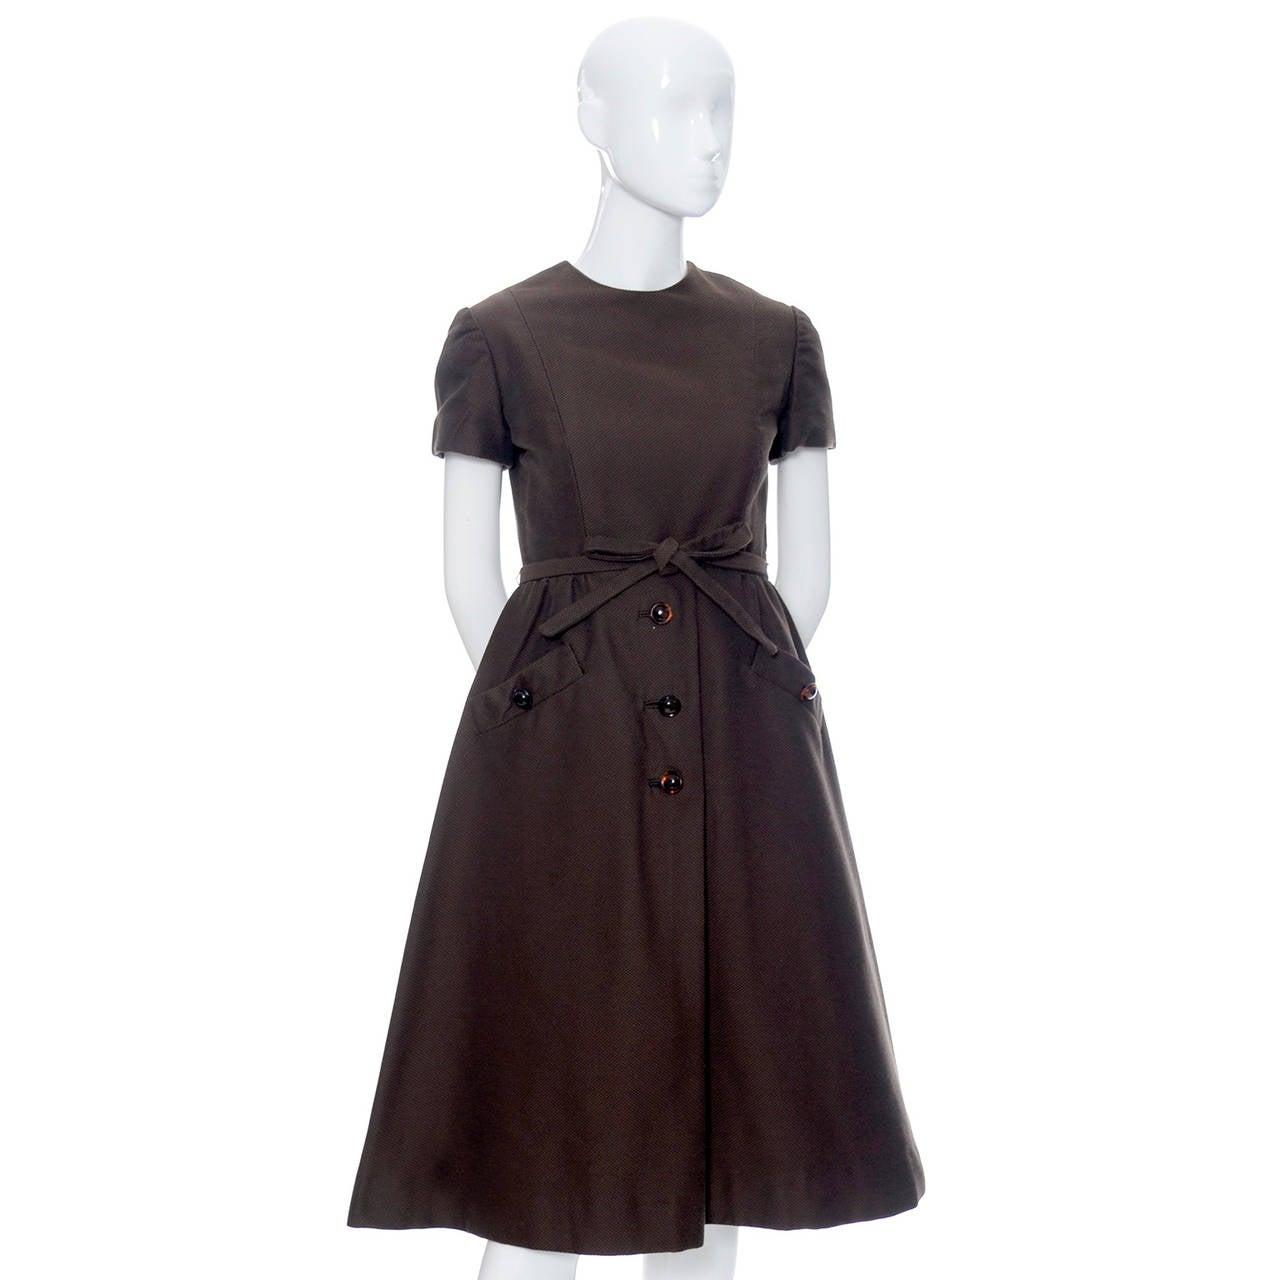 Chocolate Brown Geoffrey Beene 1960s Mod Vintage Dress Pockets Belt 4